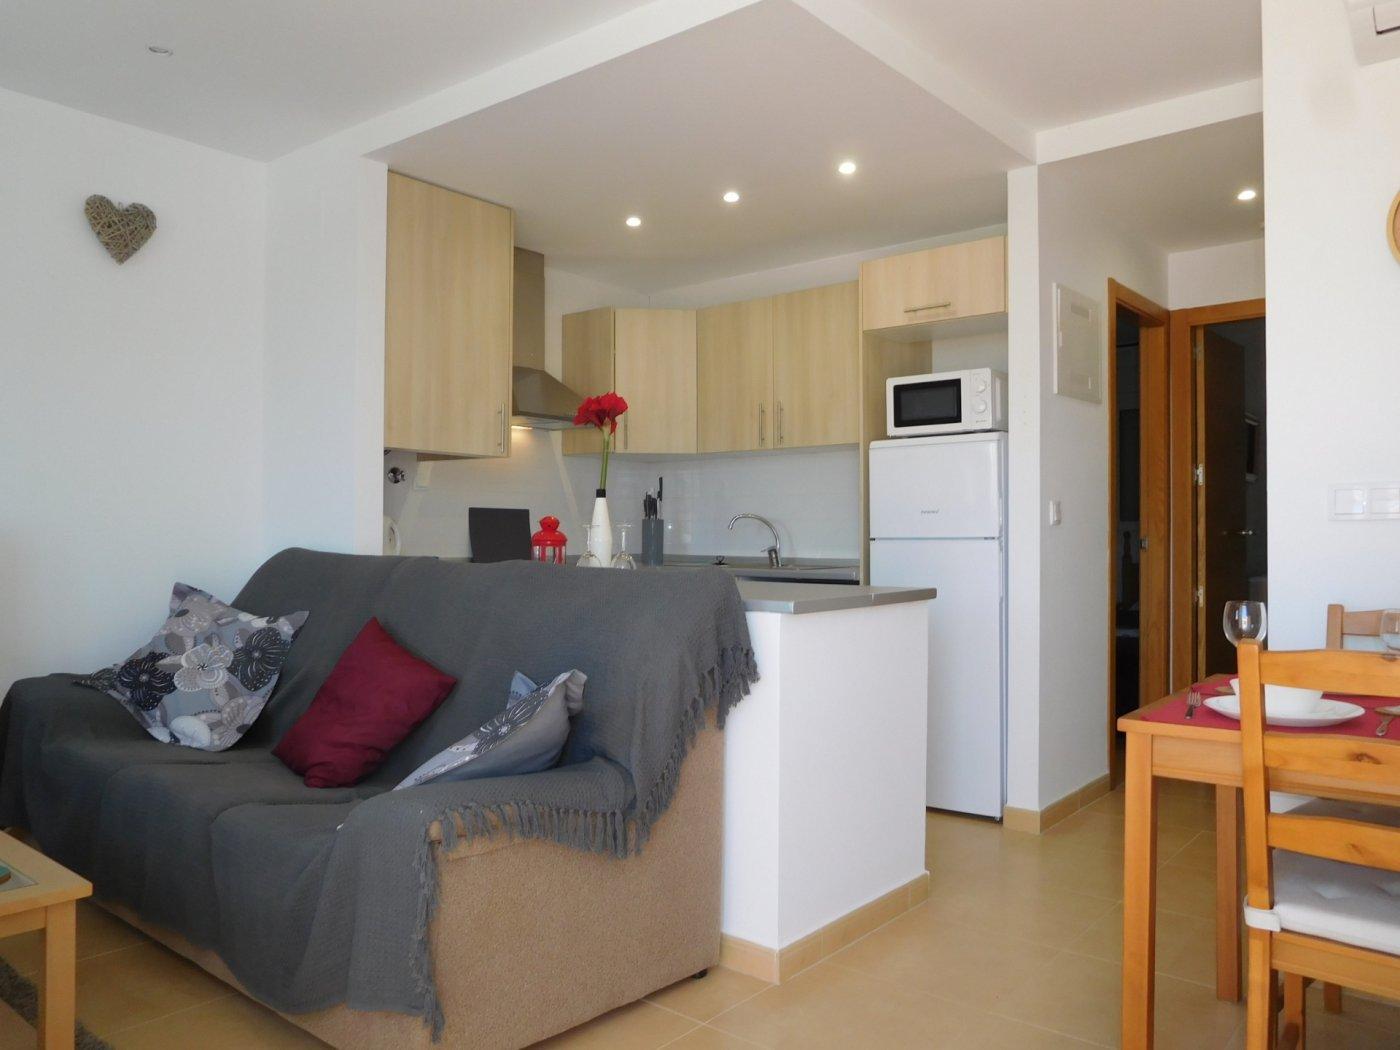 Image 4 Apartment ref 3265-03302 for rent in Condado De Alhama Spain - Quality Homes Costa Cálida